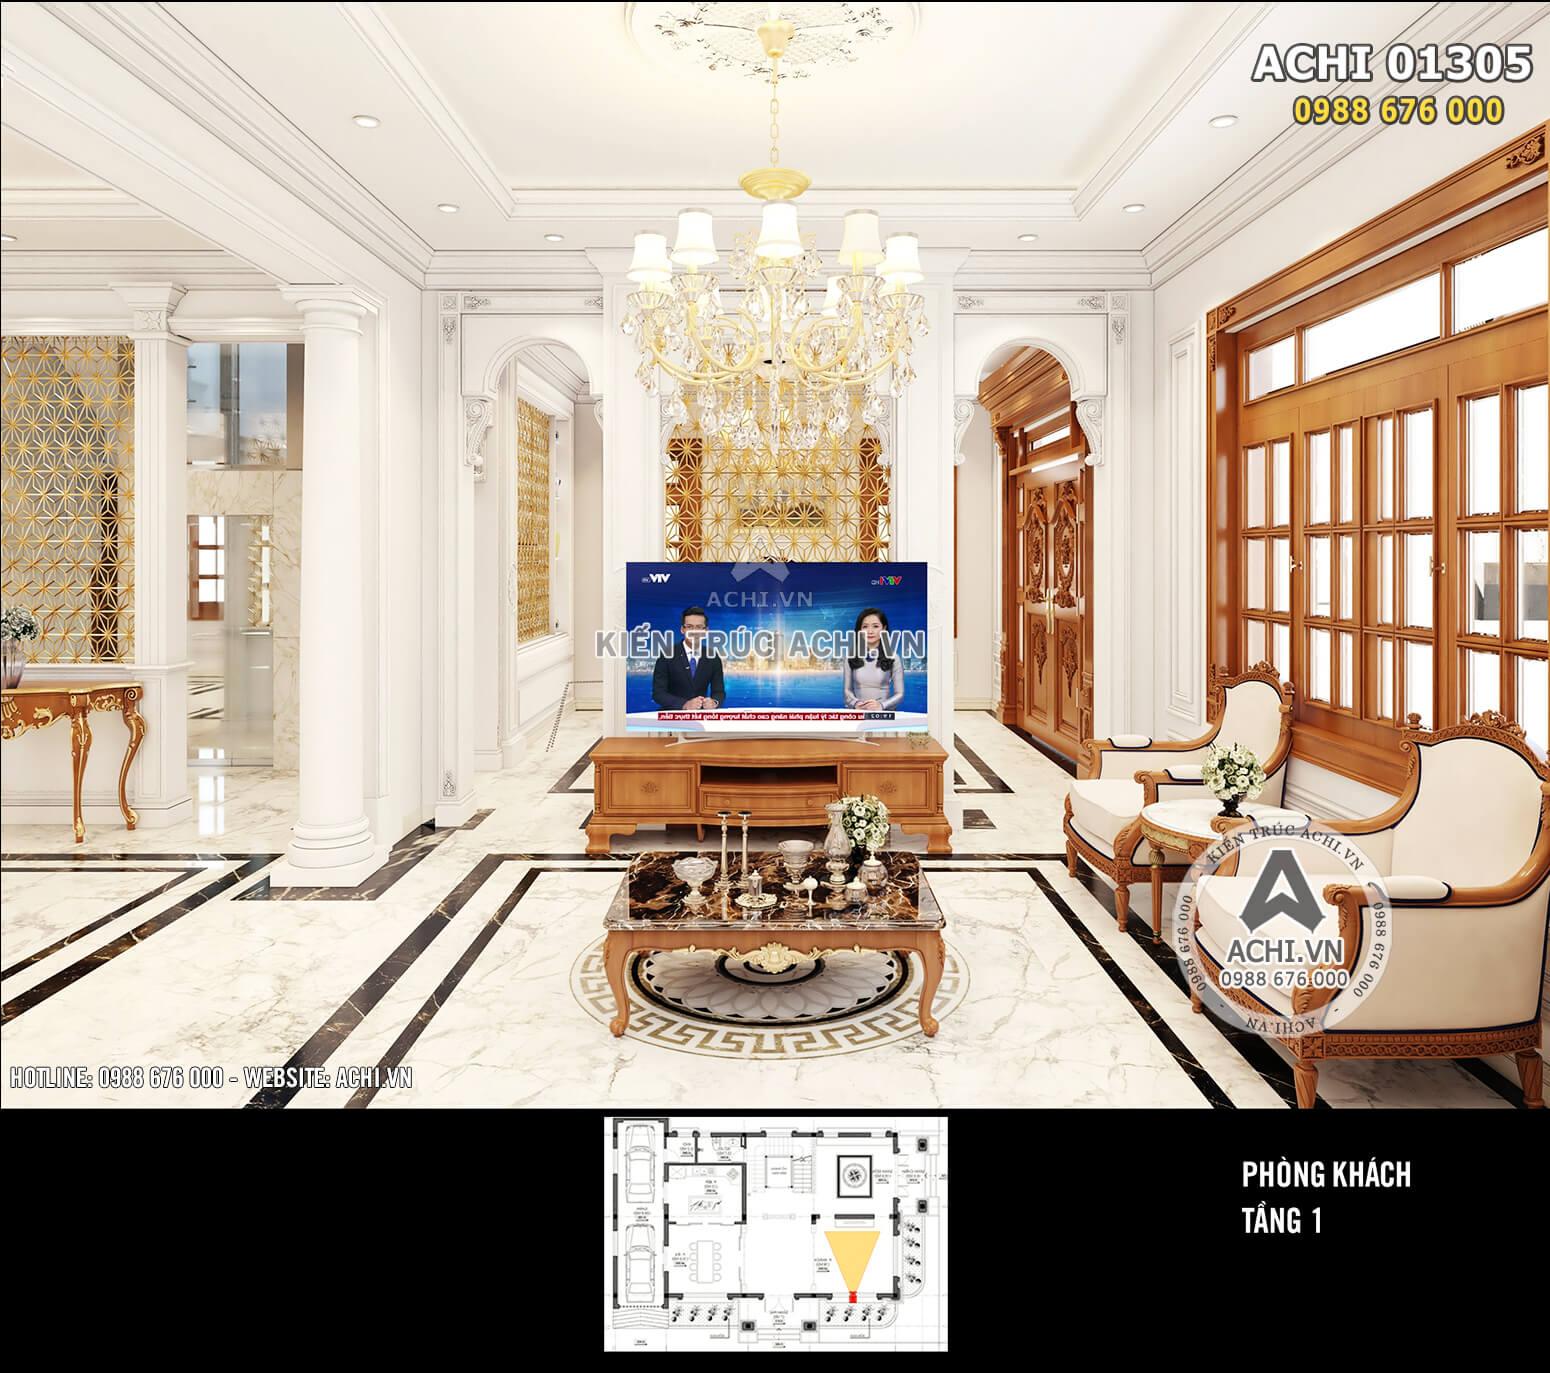 Thiết kế phòng khách đẹp cuốn hút, hài hòa công năng